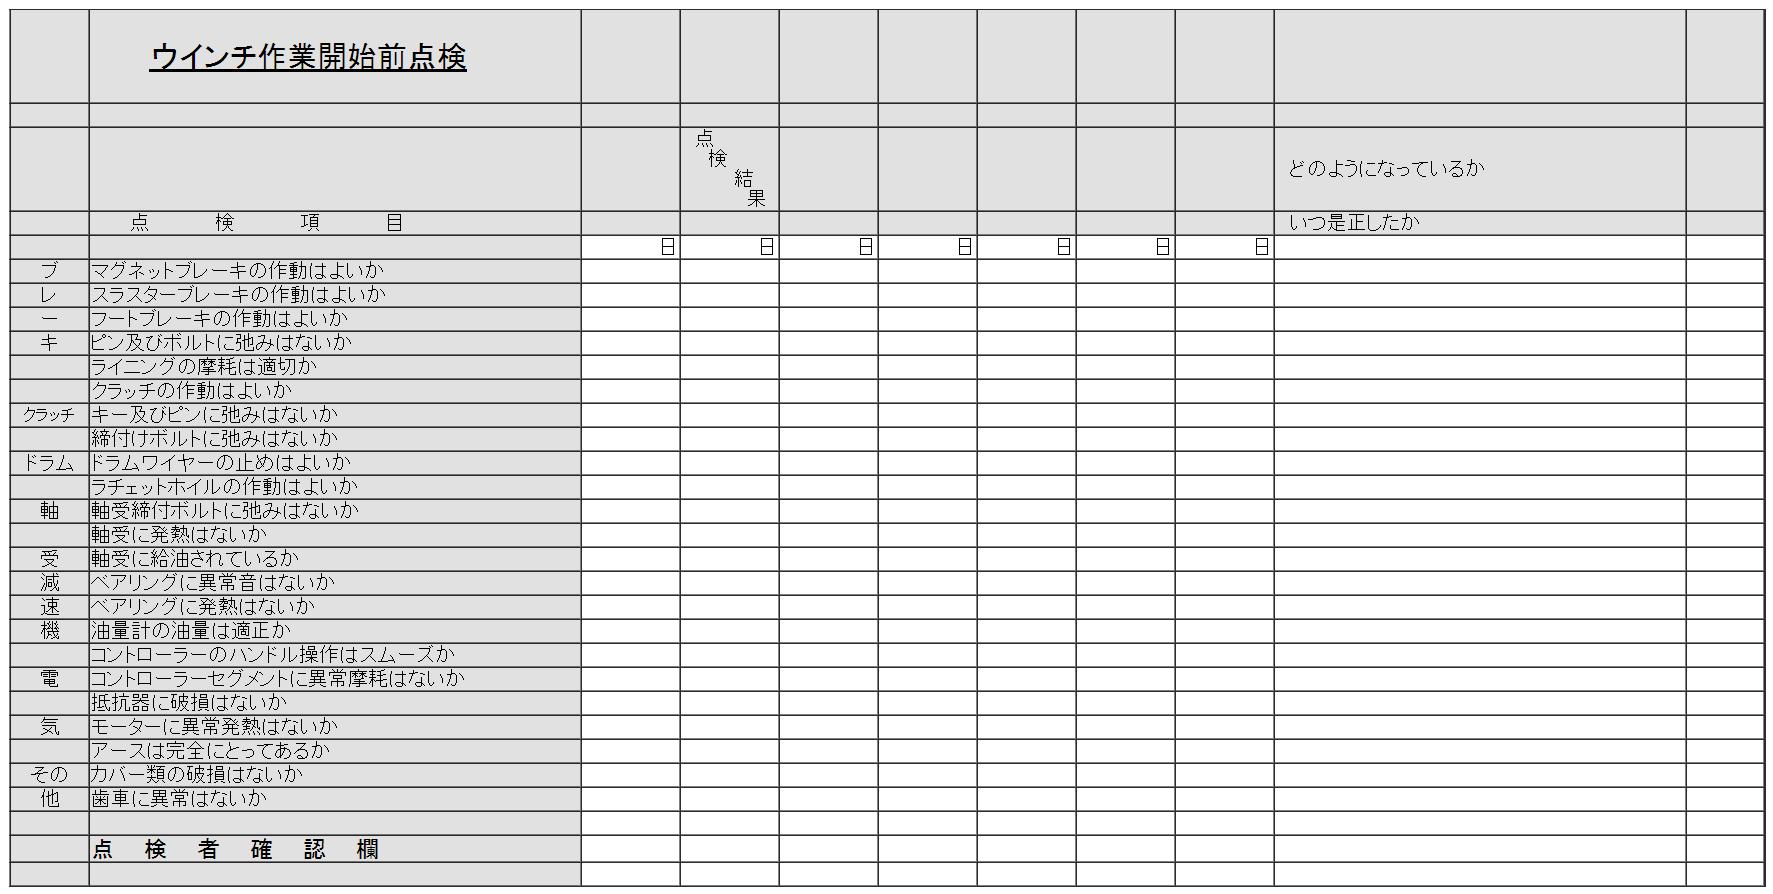 ウインチ点検表2